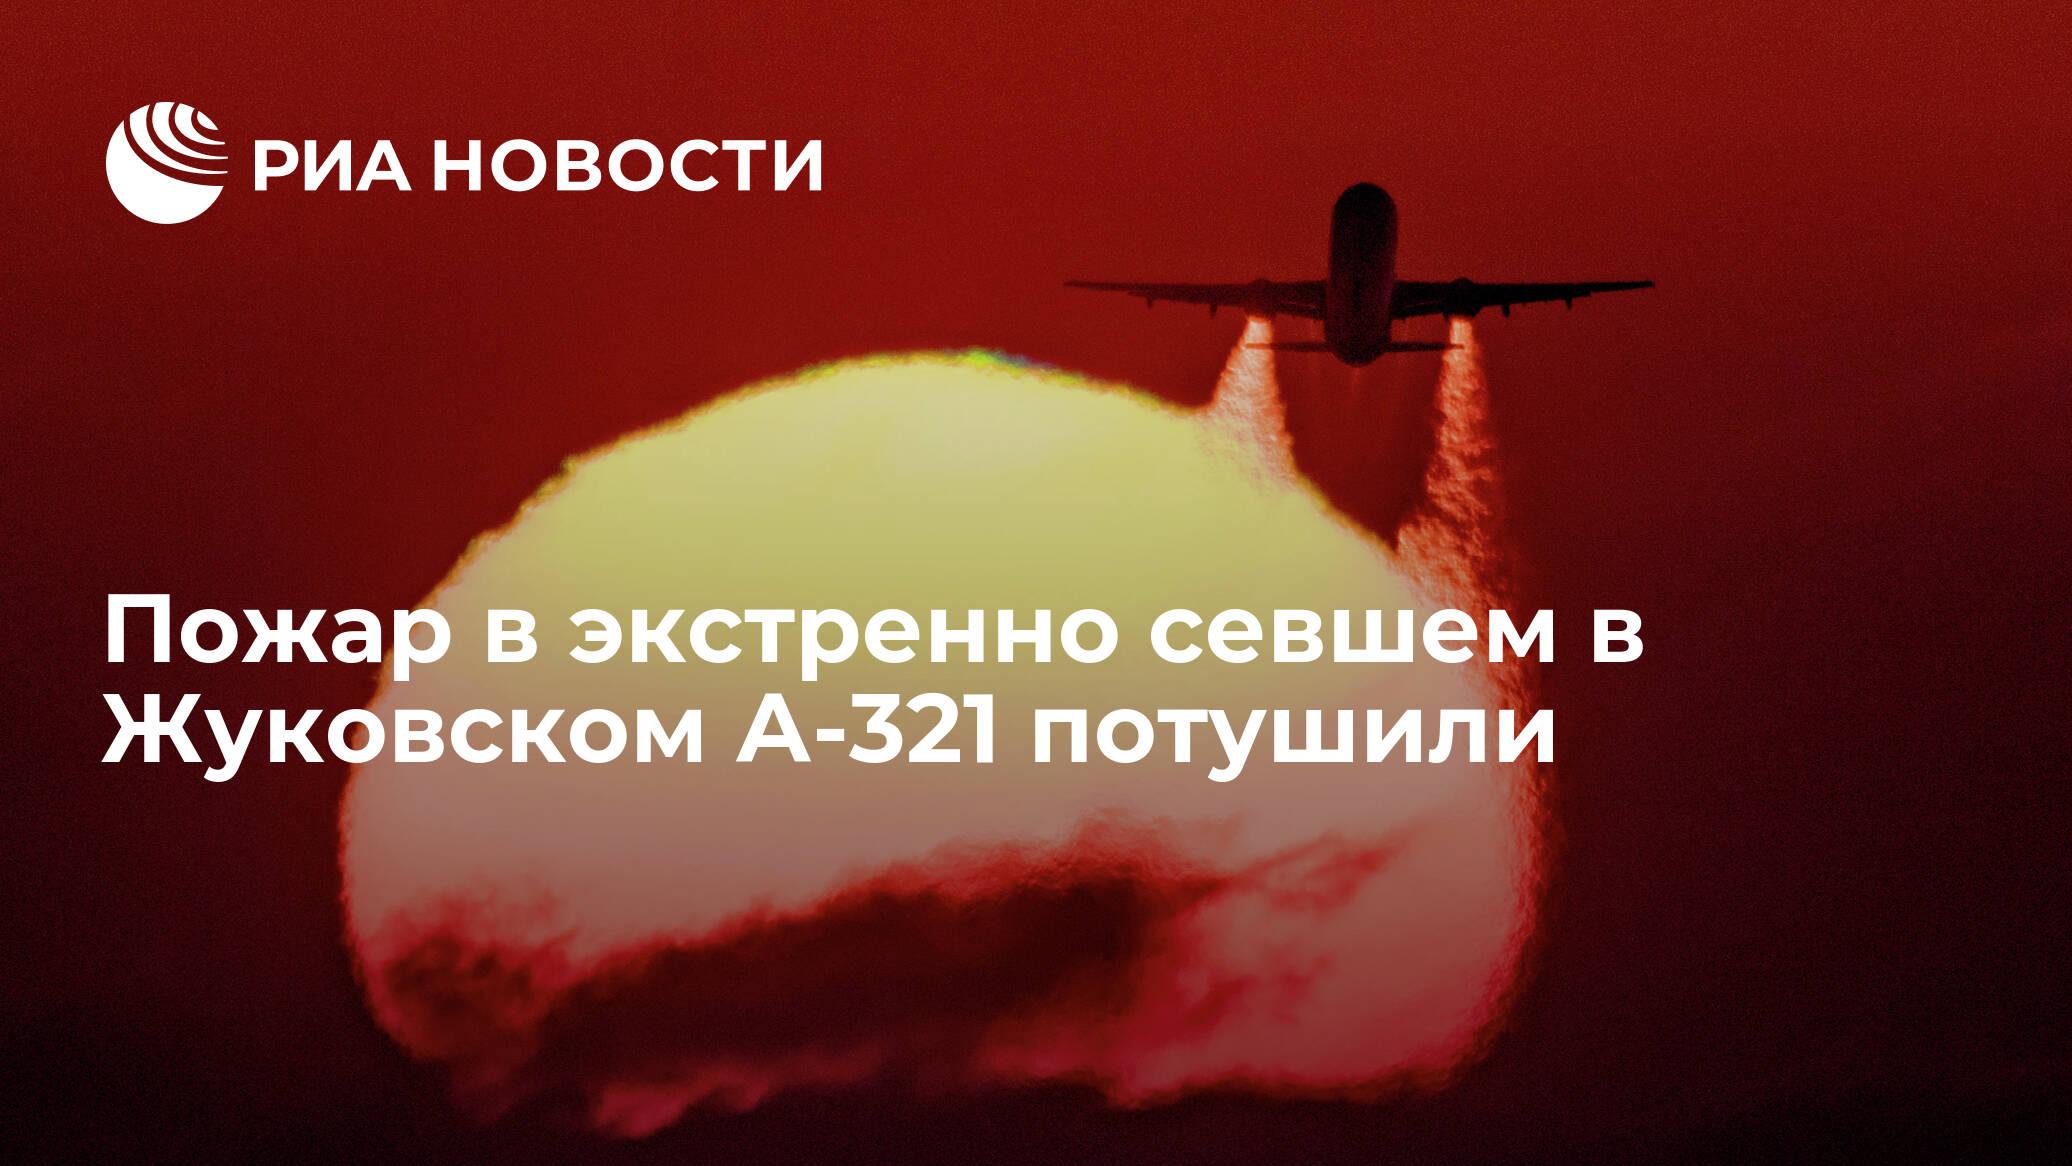 Пожар в экстренно севшем в Жуковском А-321 потушили - РИА ...